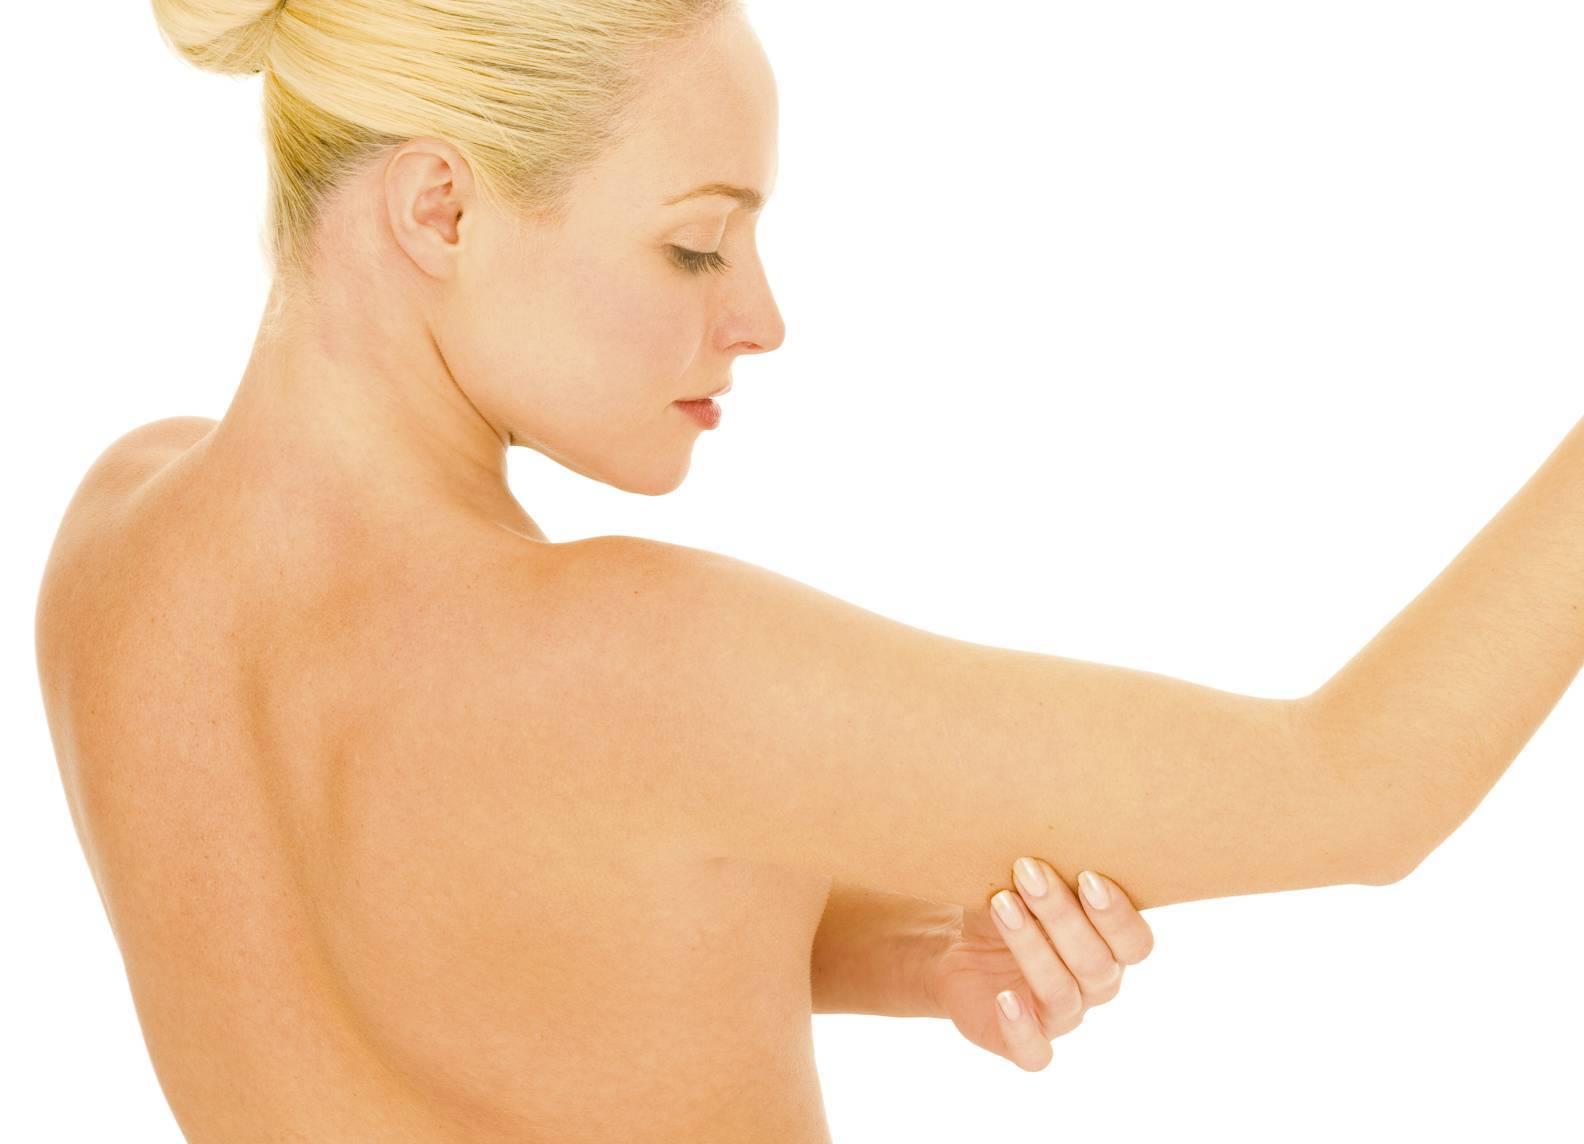 Гусиная кожа на ногах: причина появления. Как избавиться от гусиной кожи